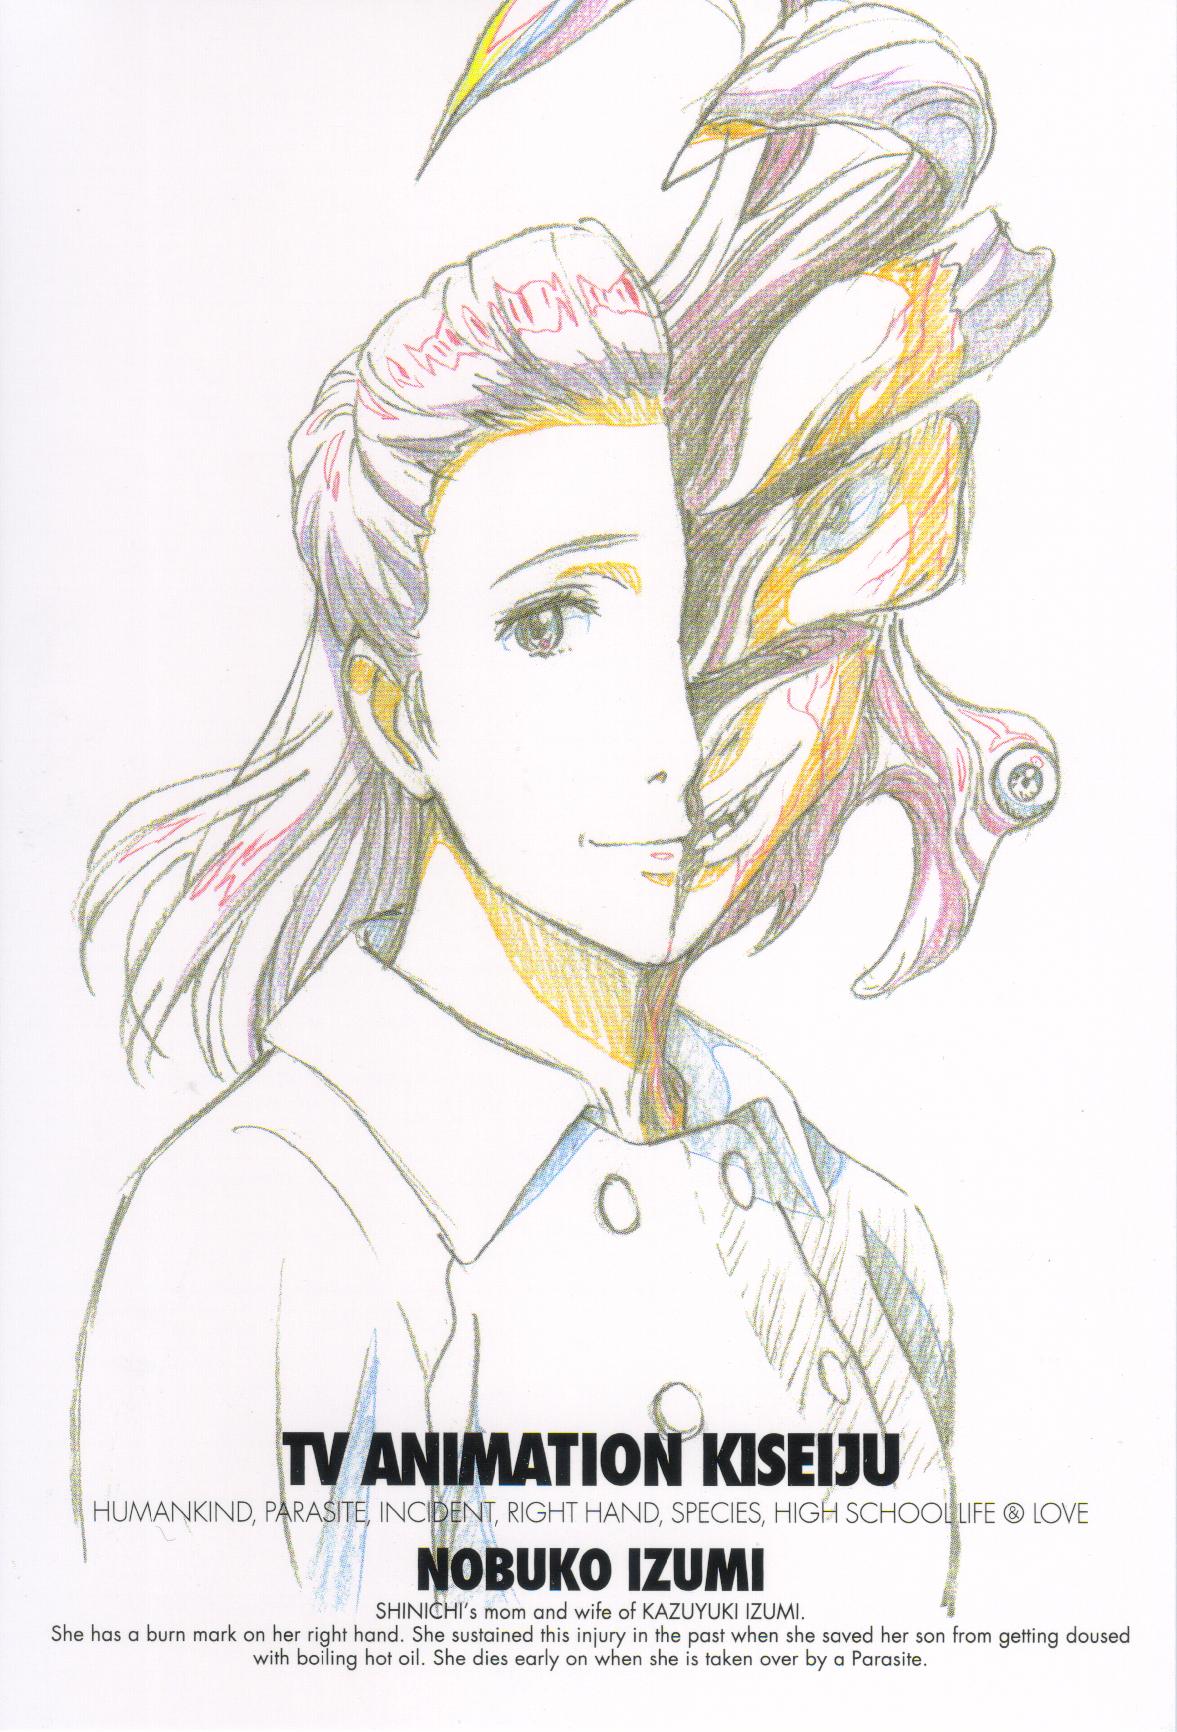 Nobuko Izumi/Image Gallery   Kiseijuu Wiki   Fandom